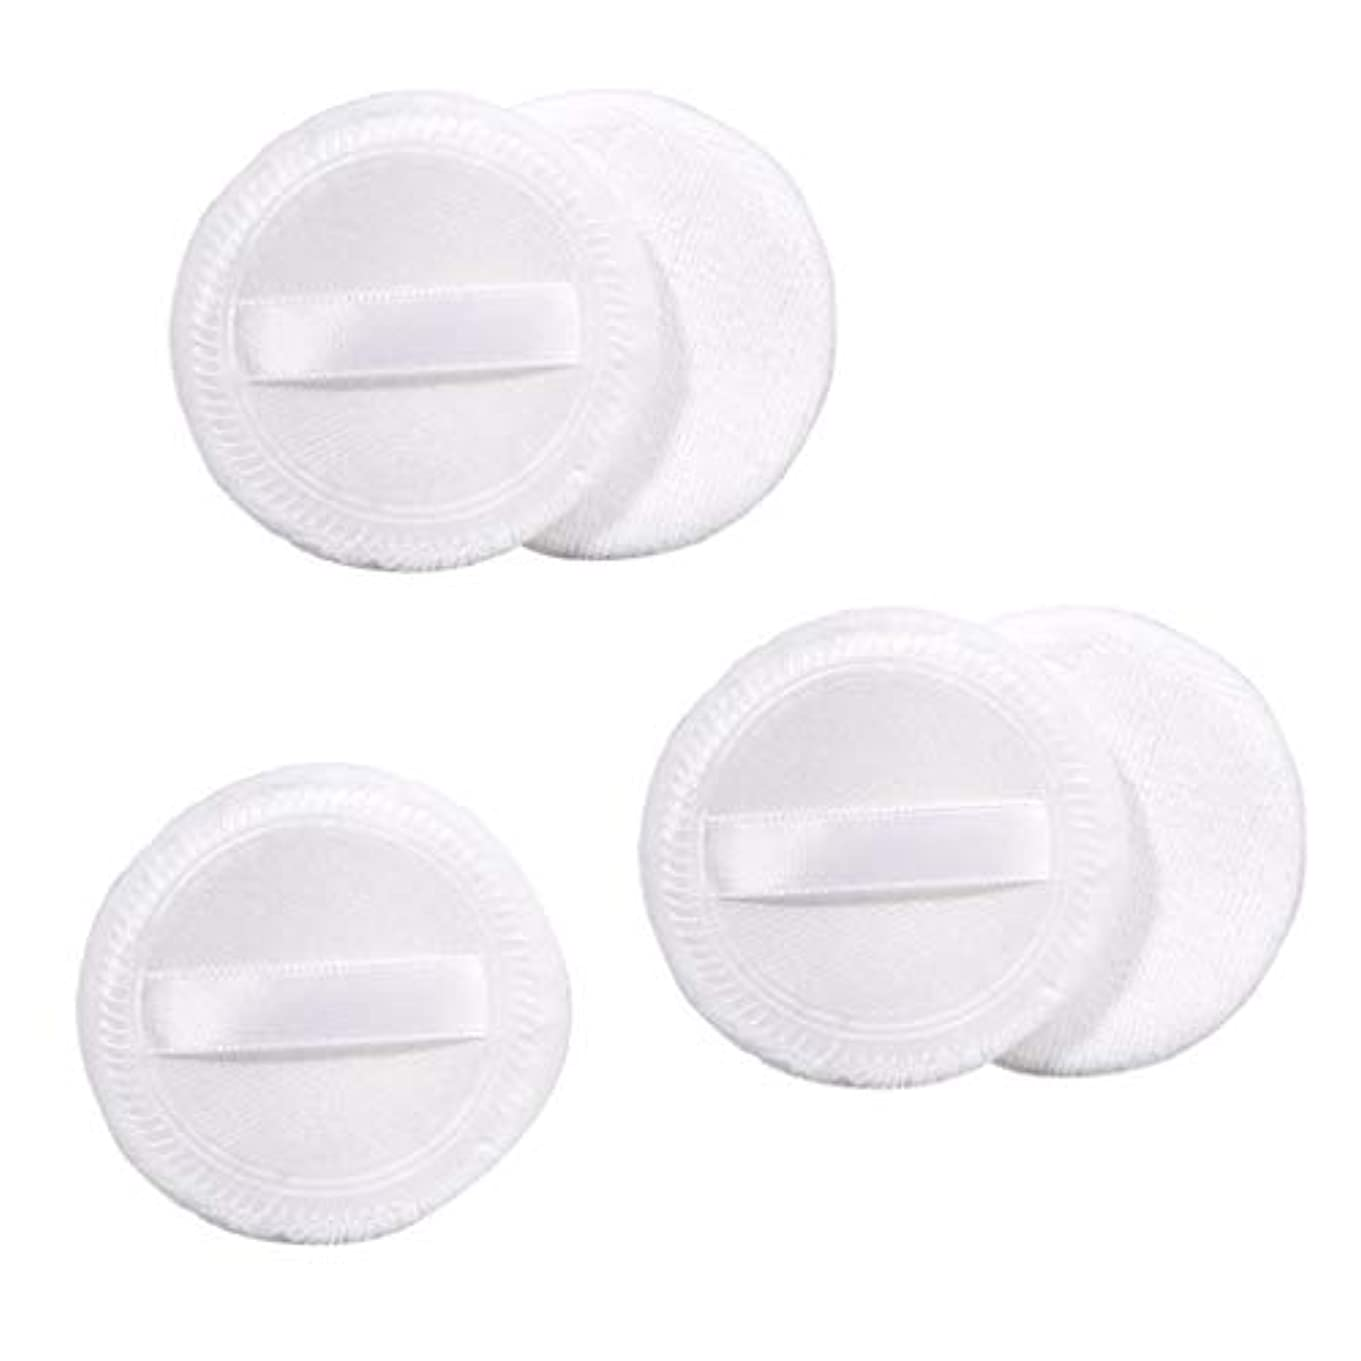 乳白色ミトンセメントDYNWAVE メイクアップ パフ パウダーパフ フェイスパウダー用 パフ 化粧スポンジ 洗える 5本入り 全3色 - ホワイト